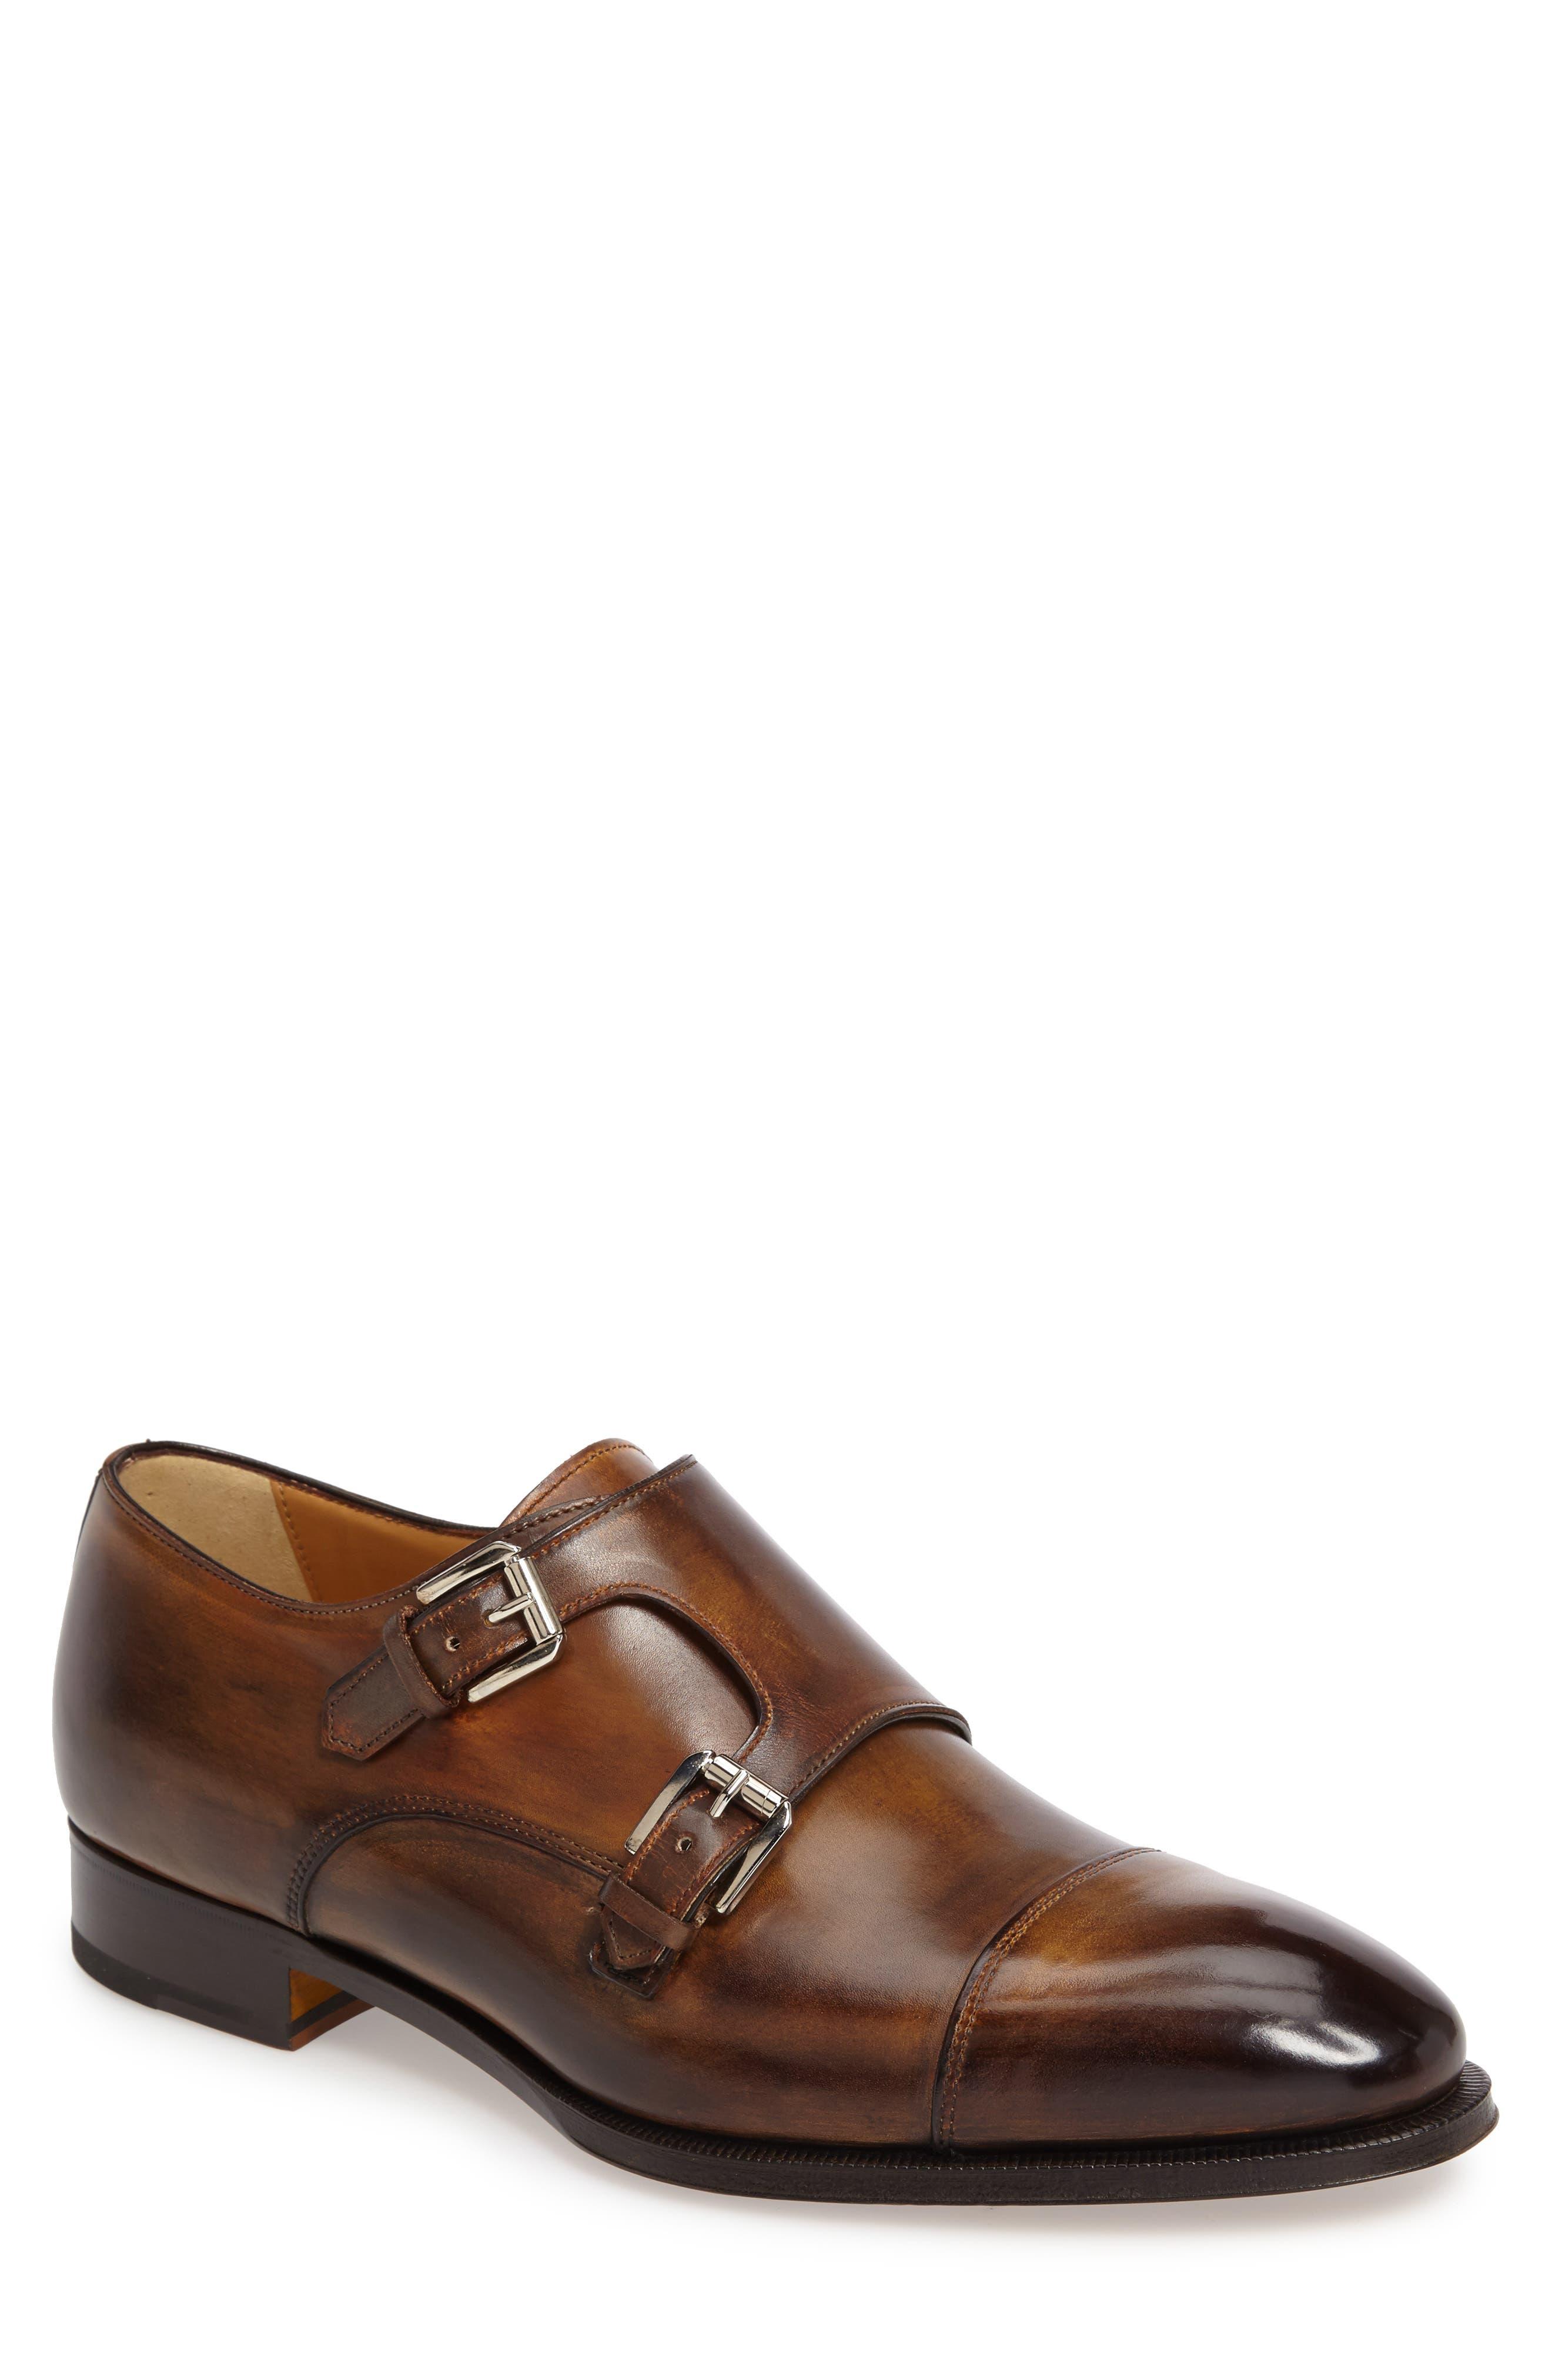 Di Gallo Bianco Blake Double Monk Strap Shoe,                             Main thumbnail 1, color,                             210